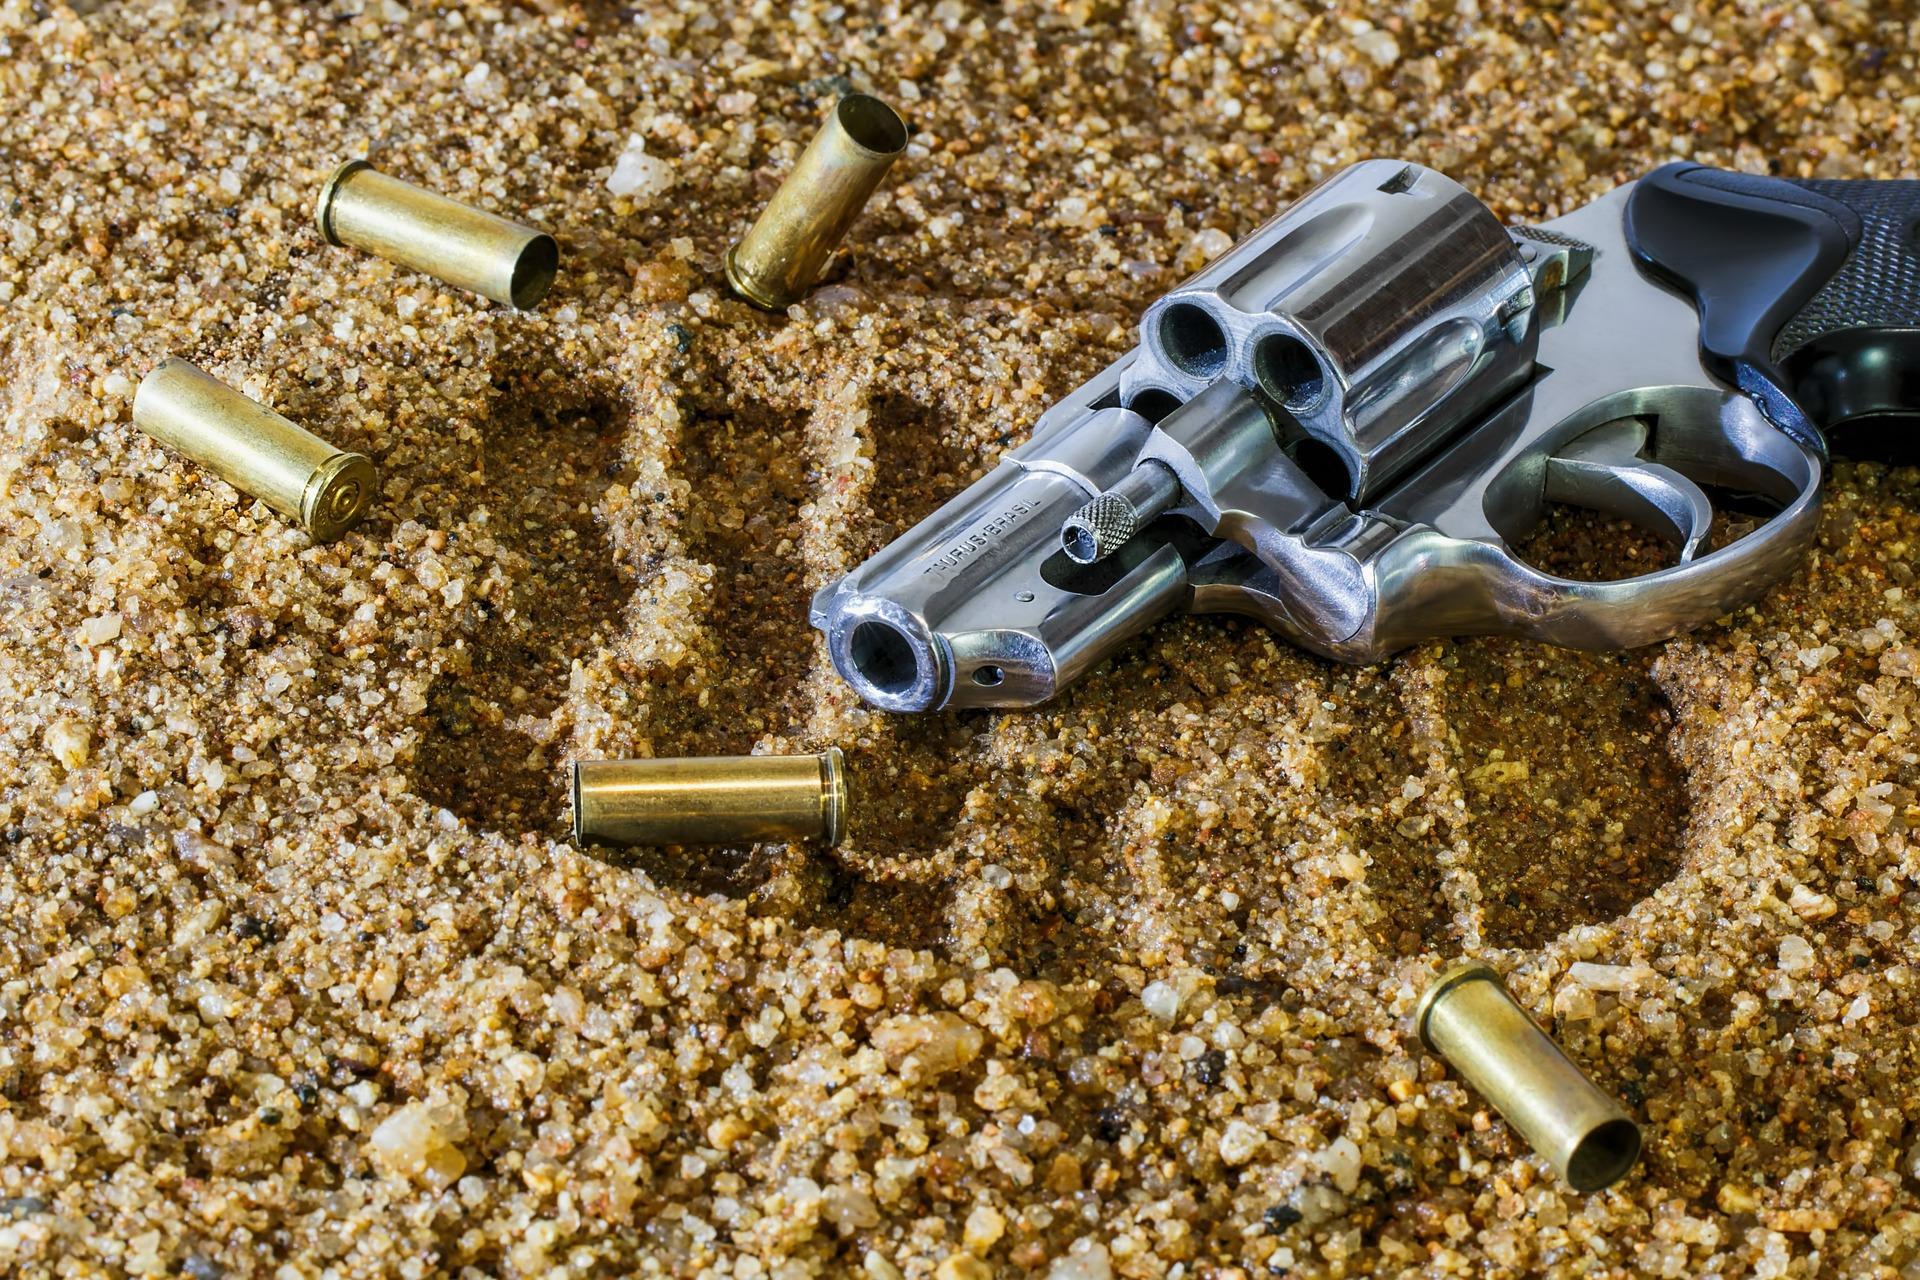 Der vermutete Waffenmißbrauch